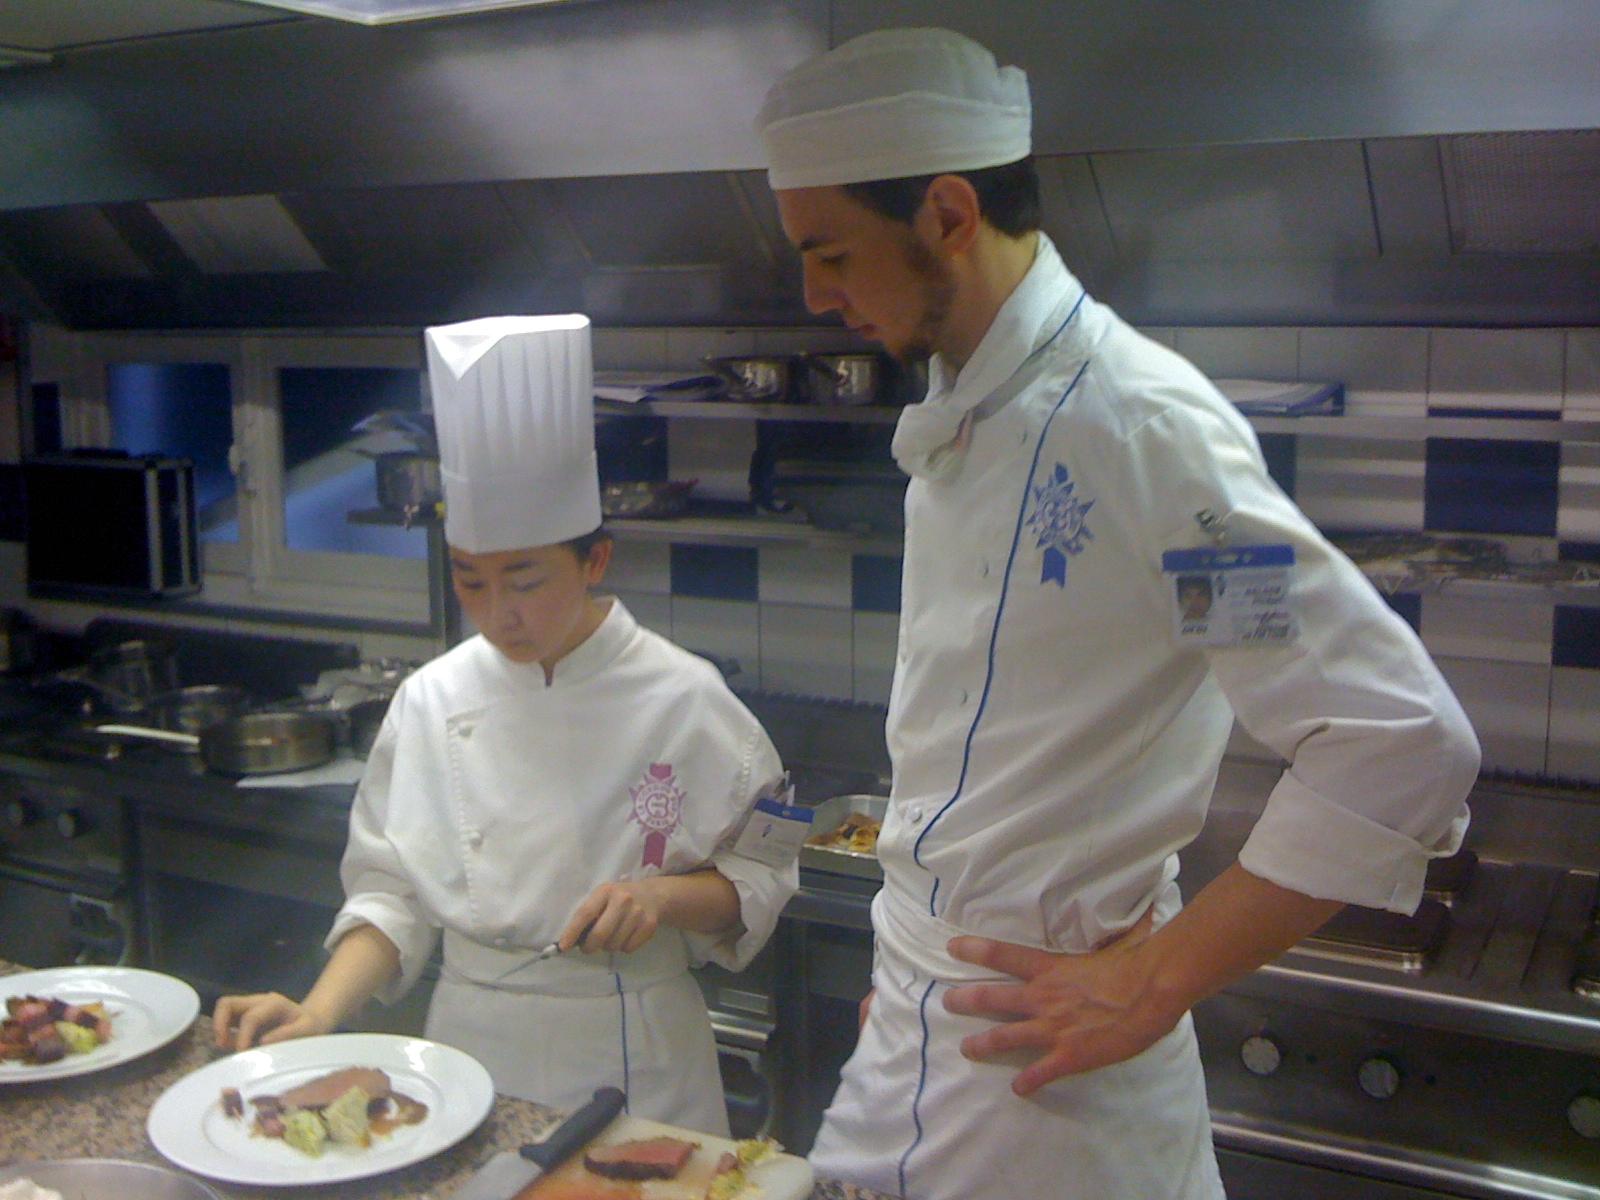 Sjoerd at le cordon bleu paris superior cuisine 2010 la petite chef not bad at all - Recherche chef de cuisine paris ...